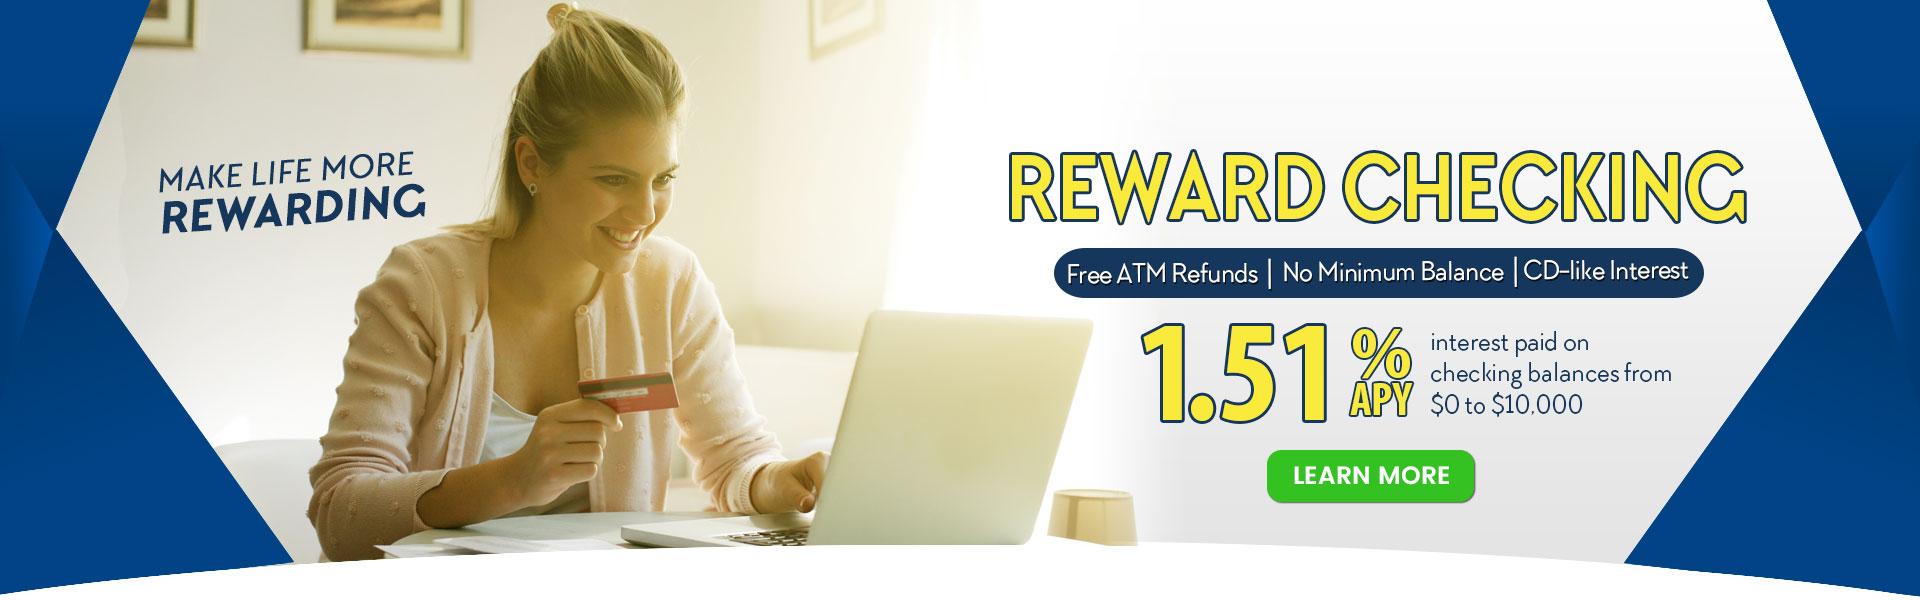 Reward Checking